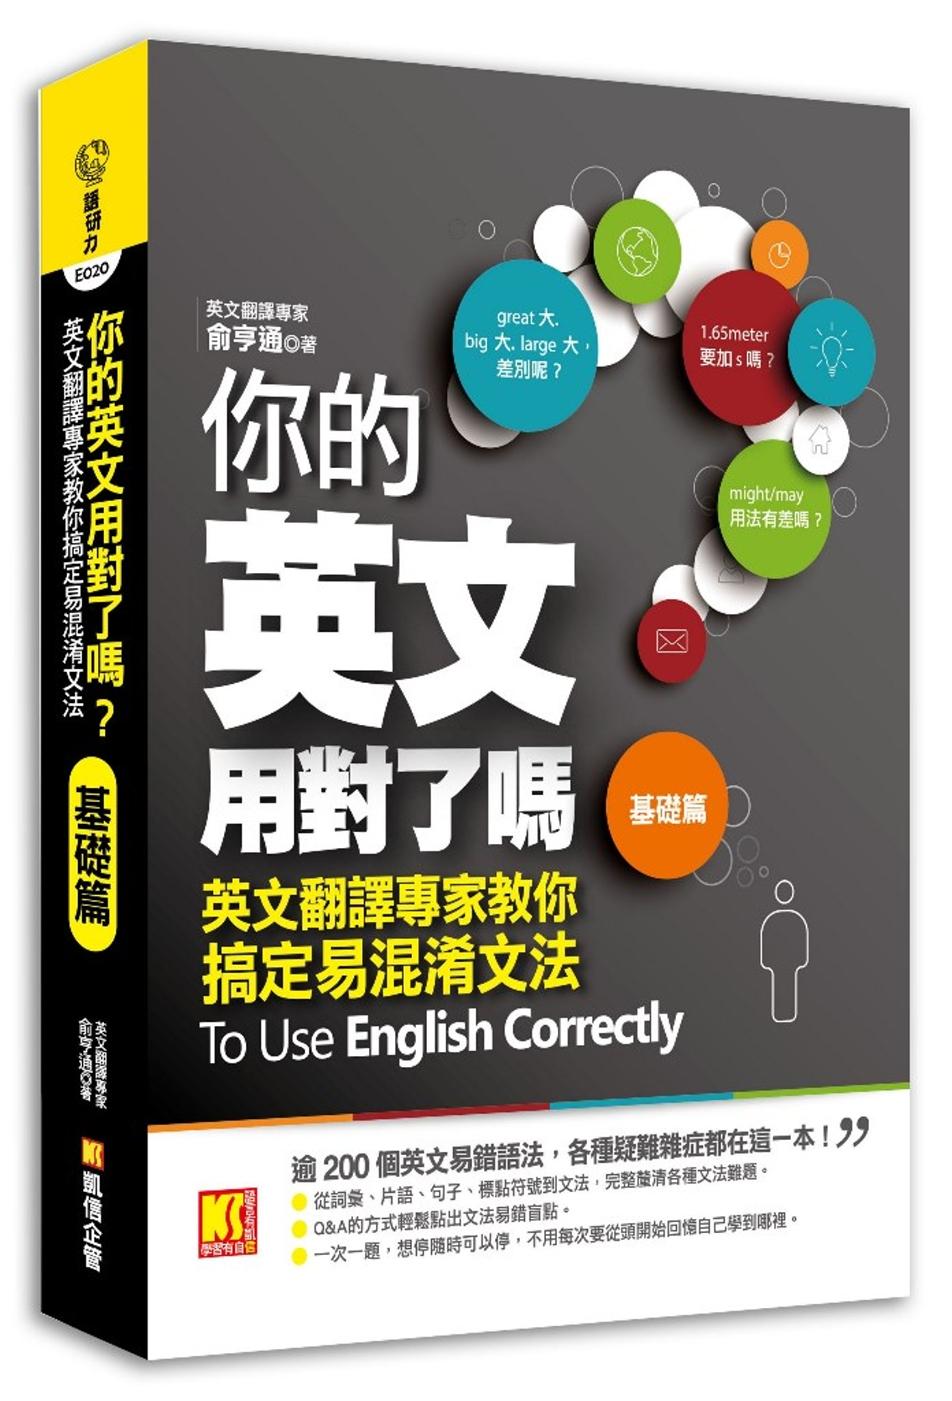 你的英文用對了嗎?〔基礎篇〕—英文翻譯專家教你搞定易混淆文法